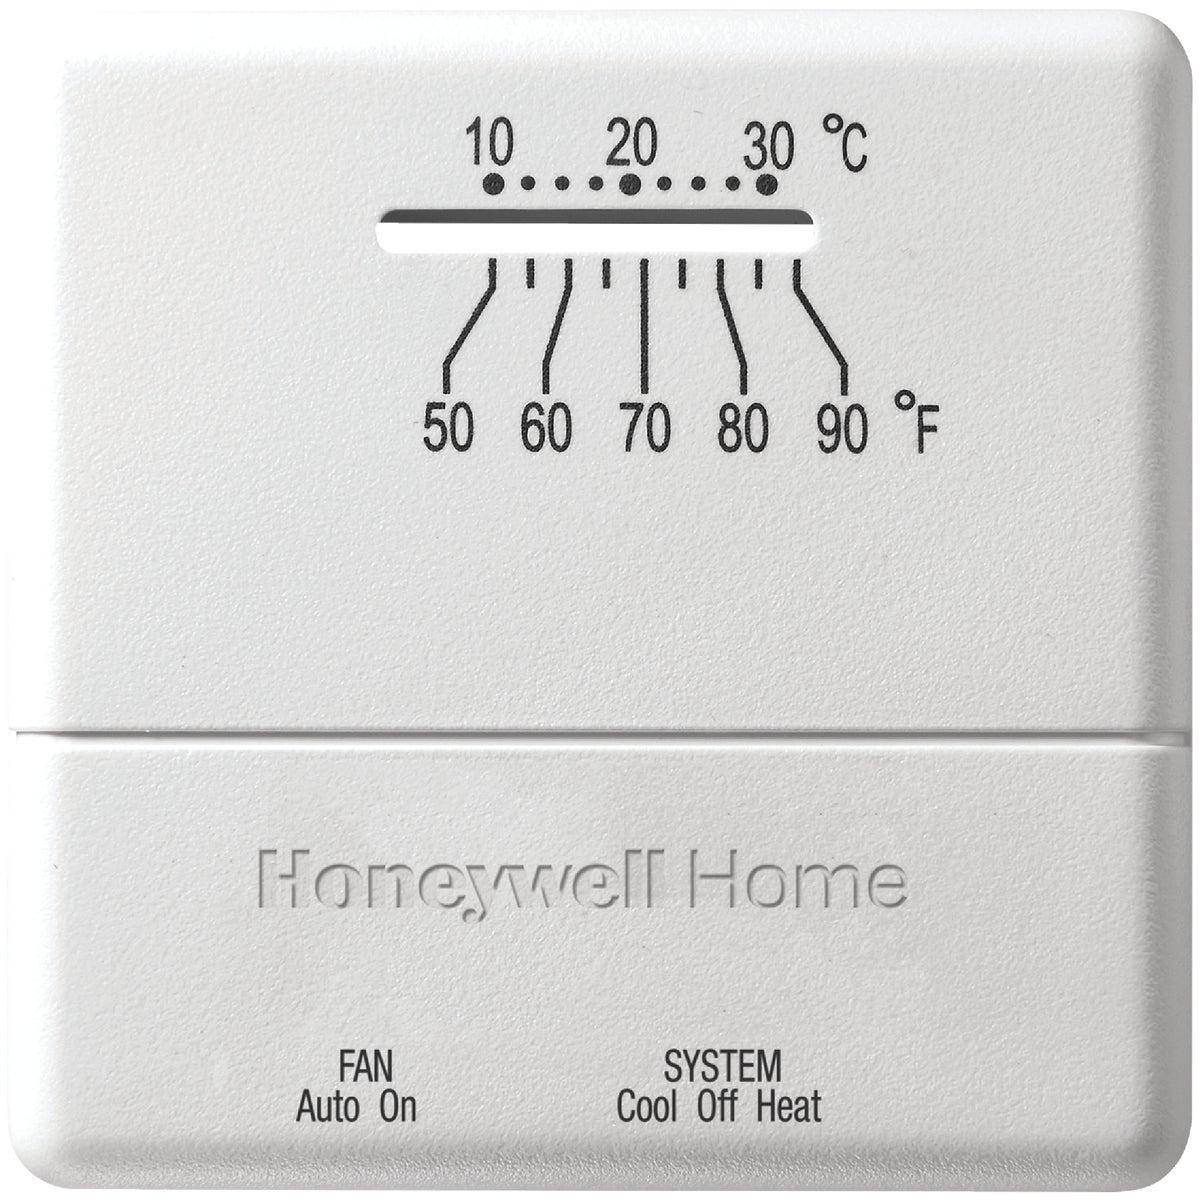 ECONOMY H/C THERMOSTAT - YCT31A1002 by Honeywell Internatl